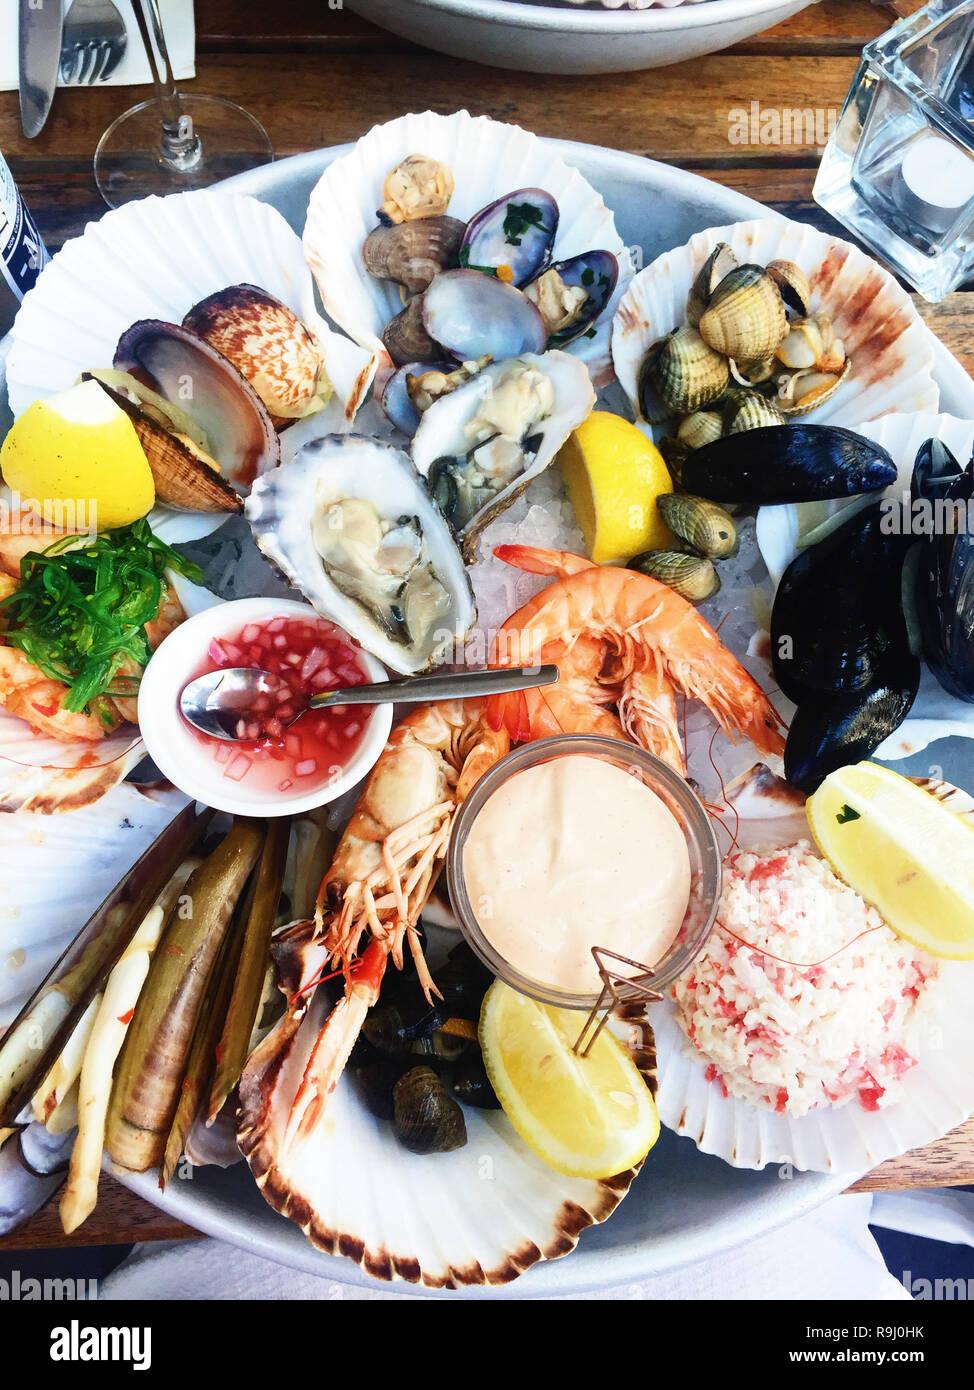 Meeresfrüchte mix - gesunde Ernährung und mediterrane Küche ...